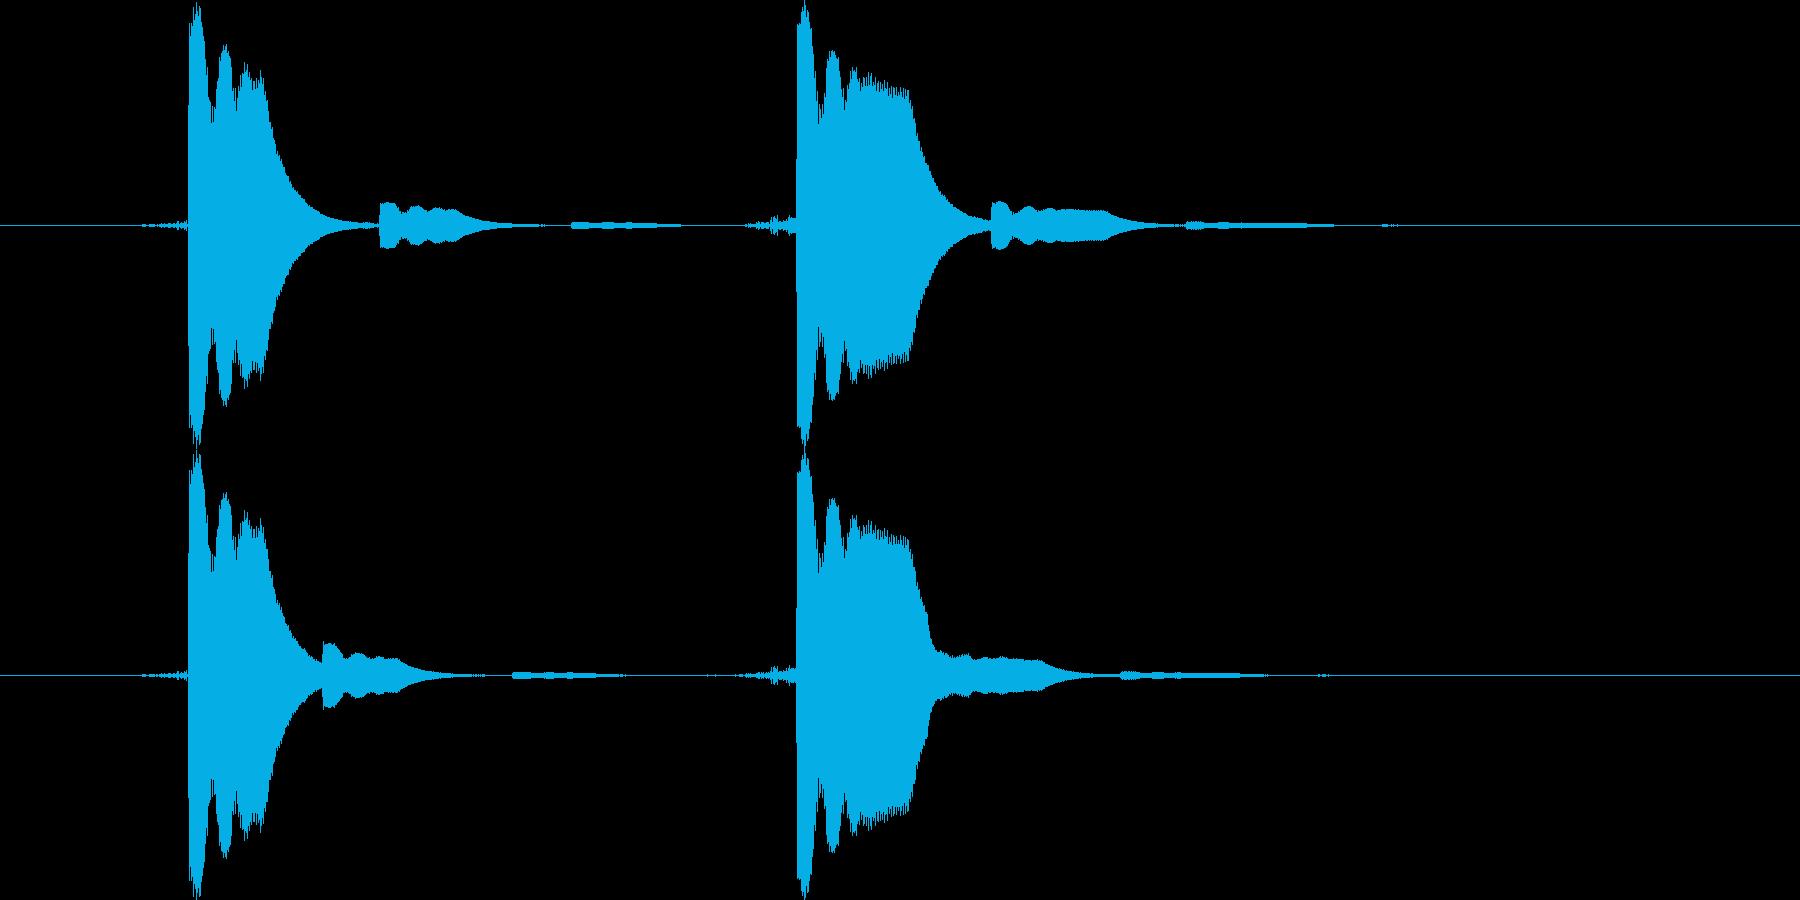 クリック系の短い効果音です。の再生済みの波形